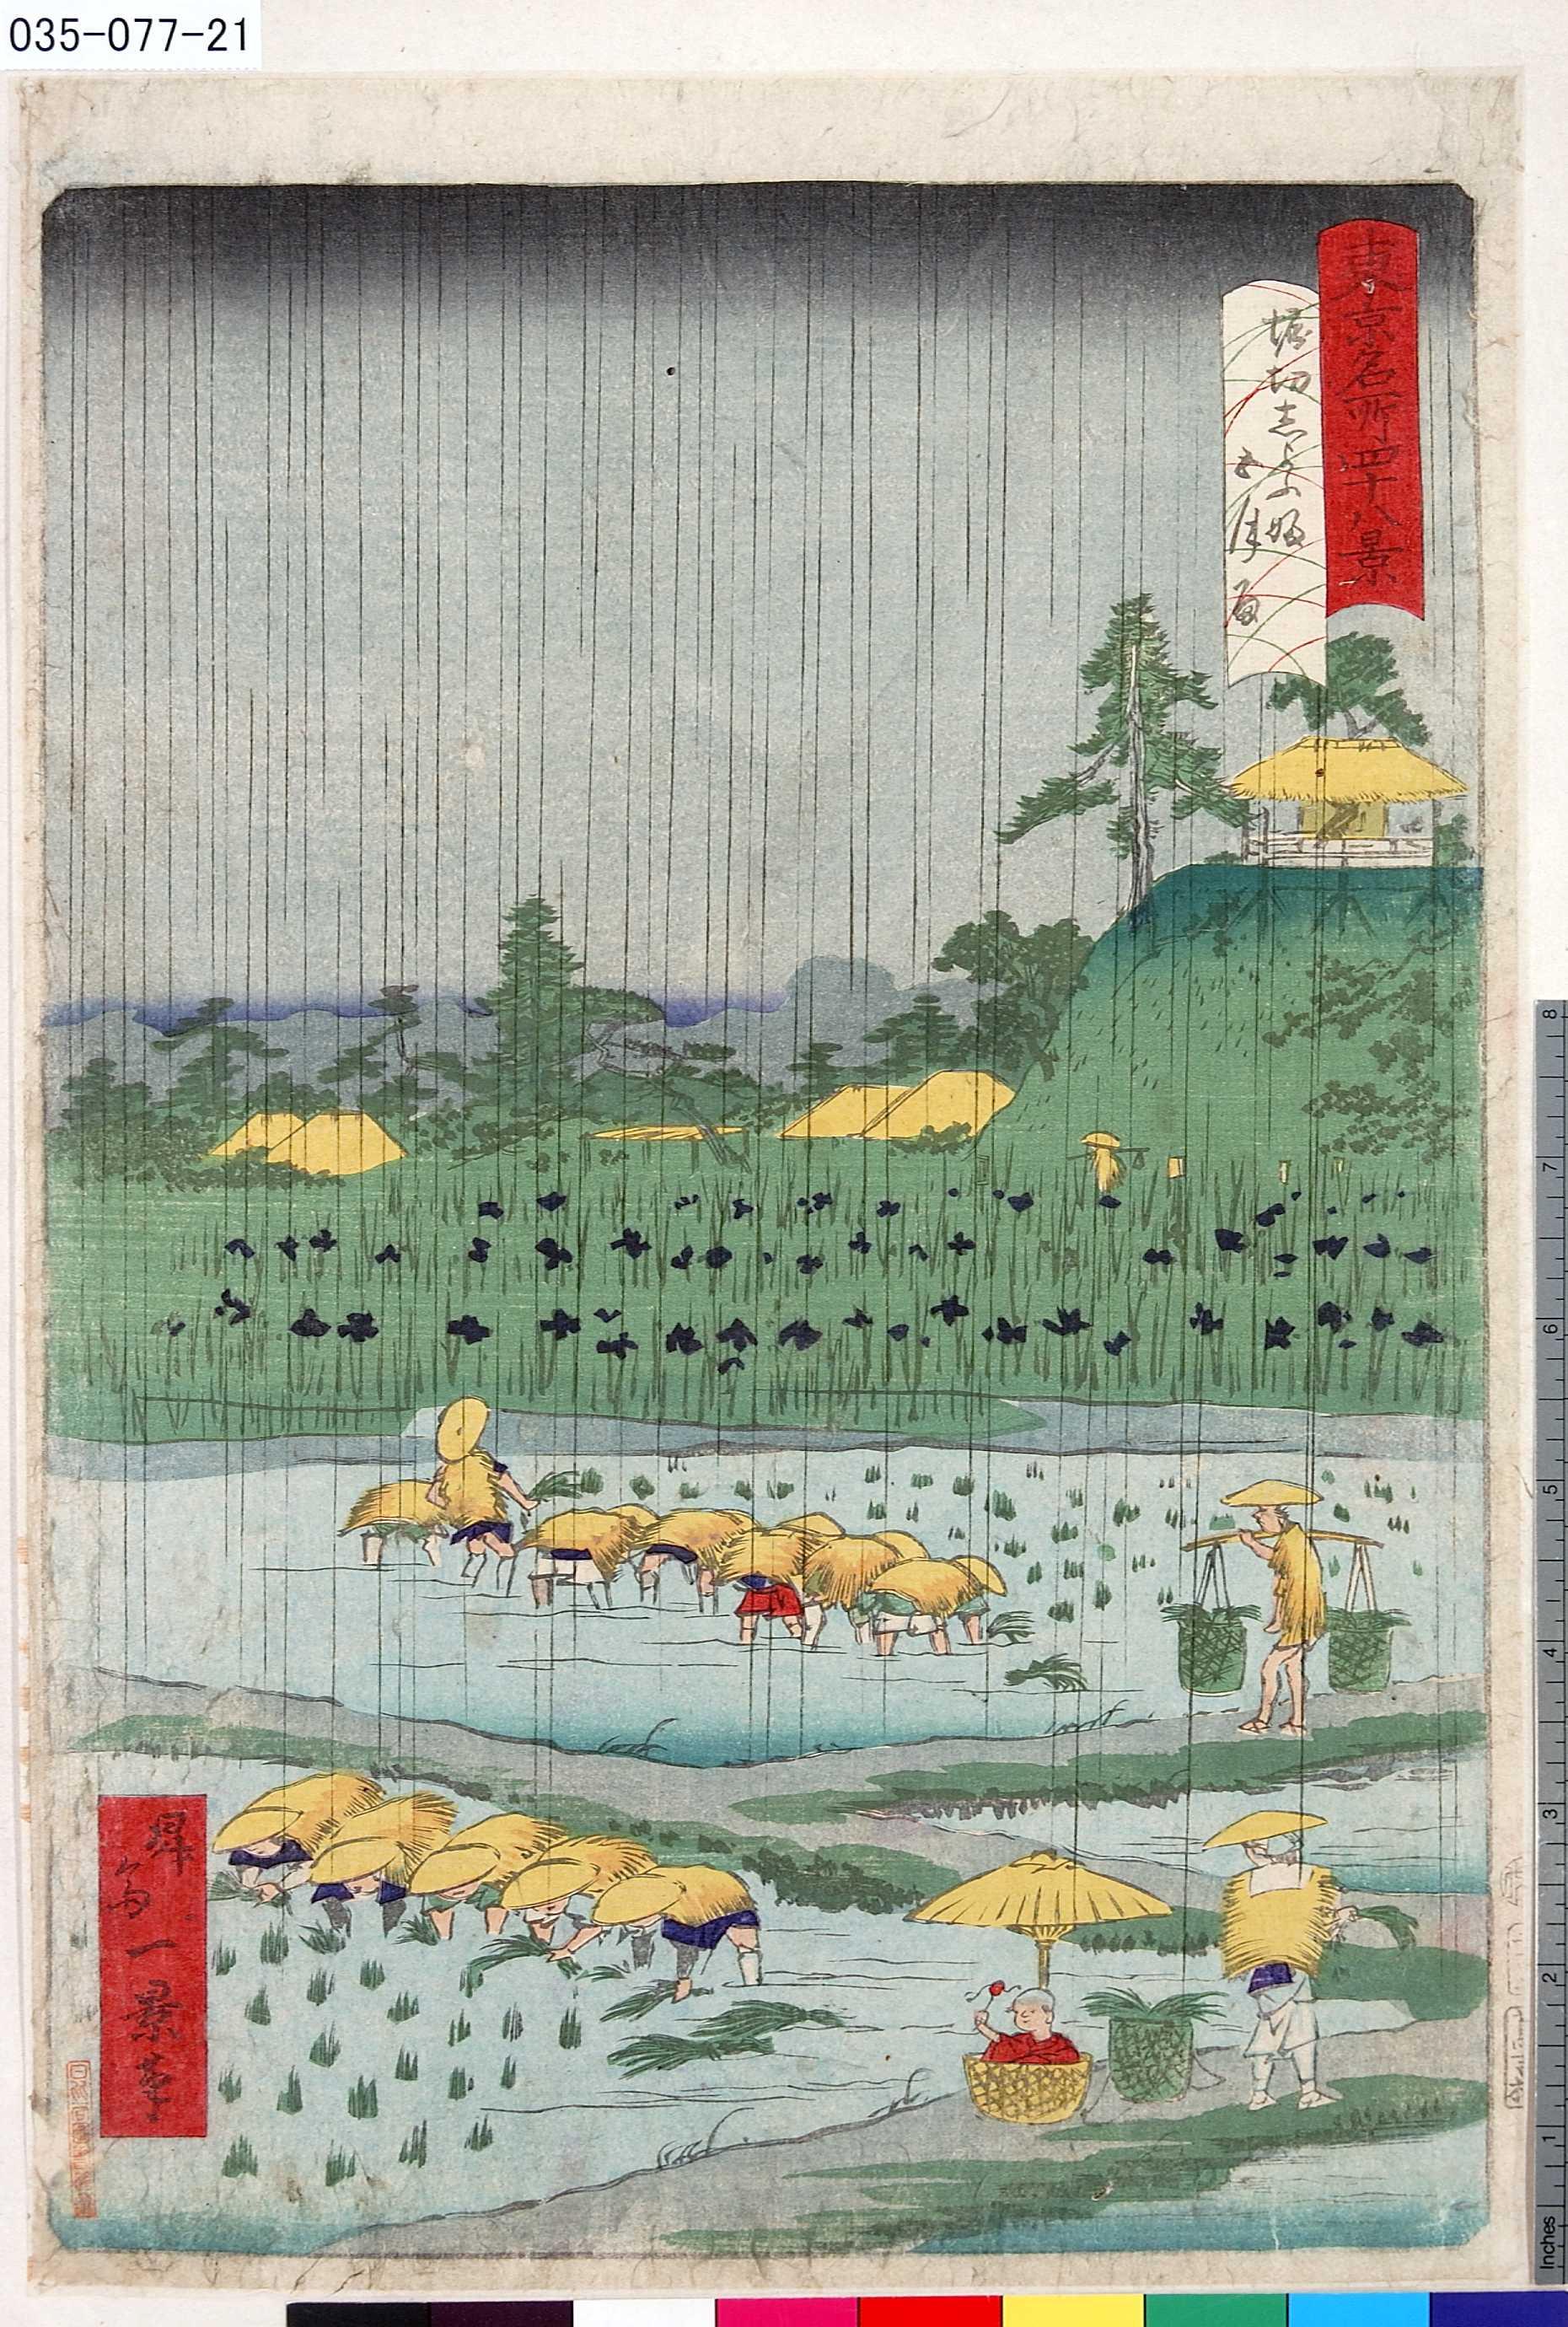 一景: 「東京名所四十八景」 「堀切しよふ婦五月雨」 - 東京都立図書館 - 浮世絵検索